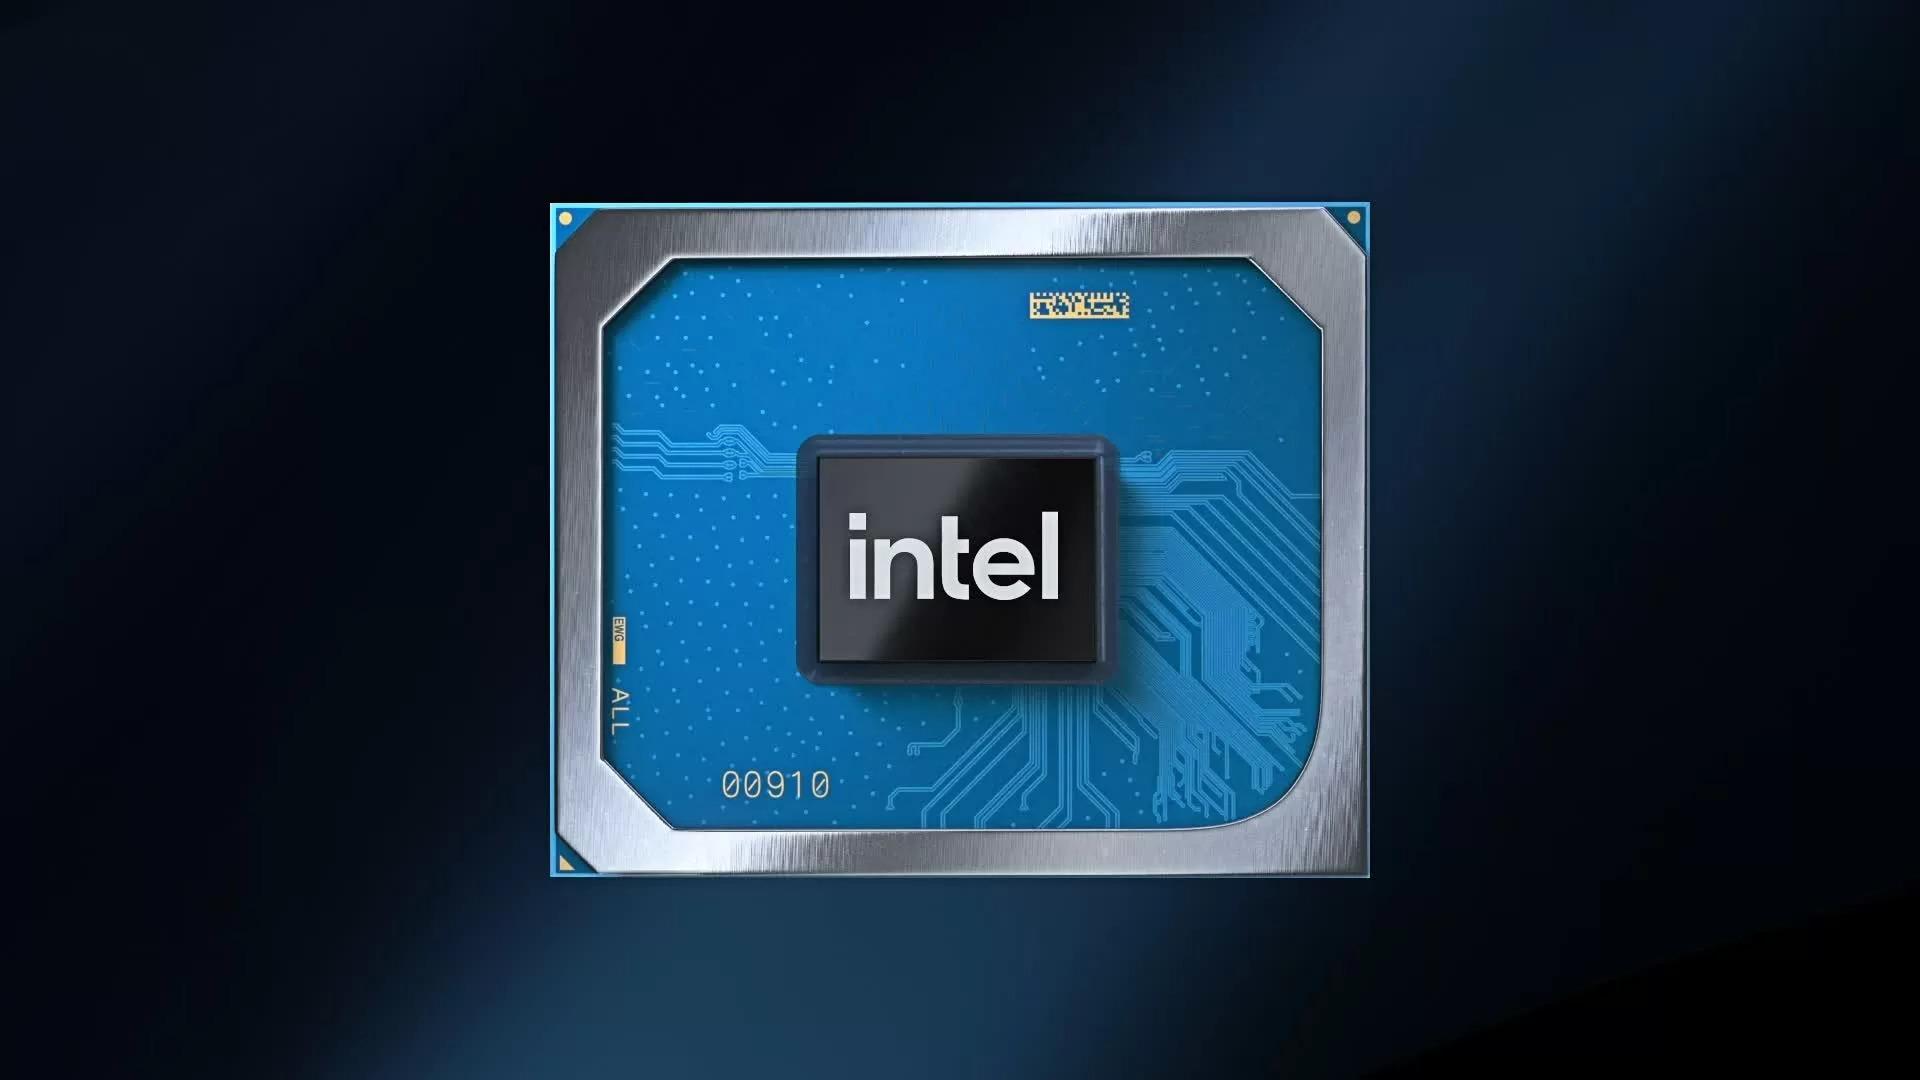 Karty graficzne Intela mogą zaskoczyć wydajnością. Jedna będzie naprawdę mocna